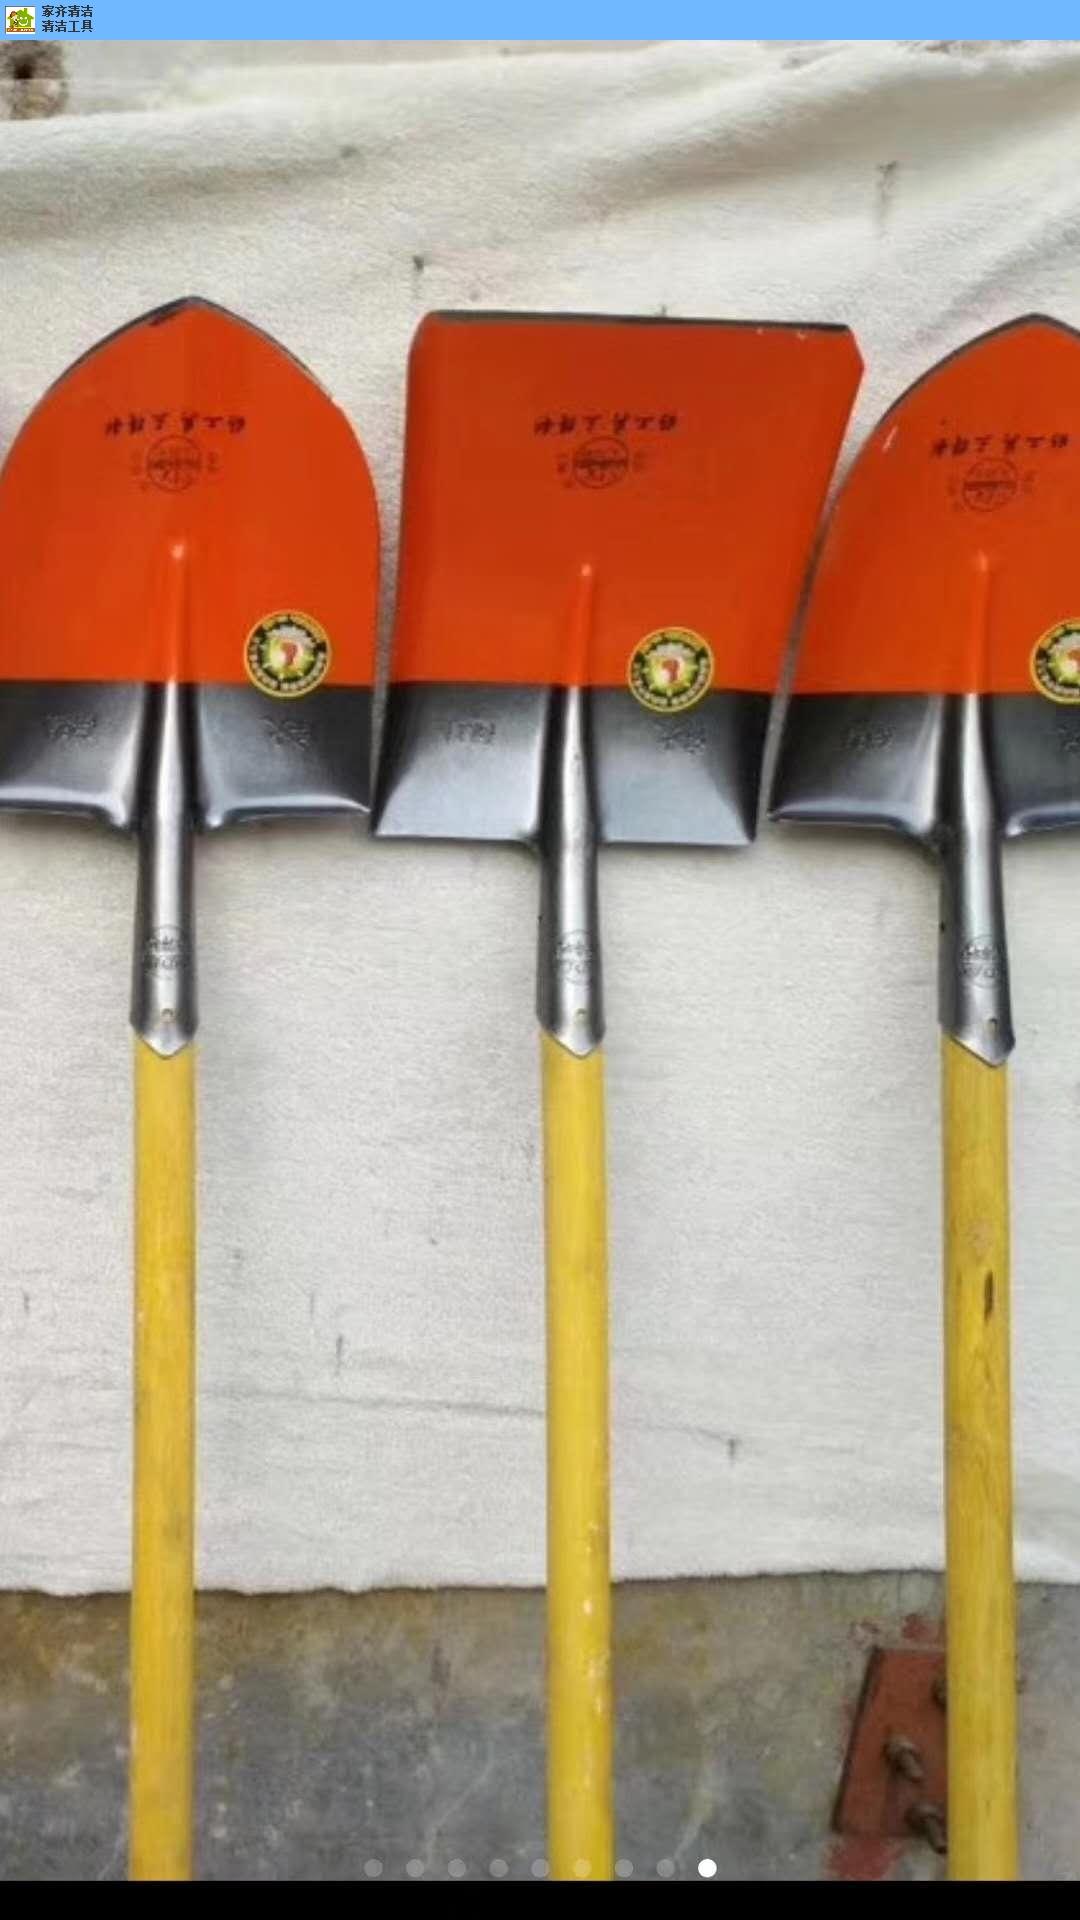 德州地面清洁工具厂家 值得信赖 萧县家齐清洁制品供应